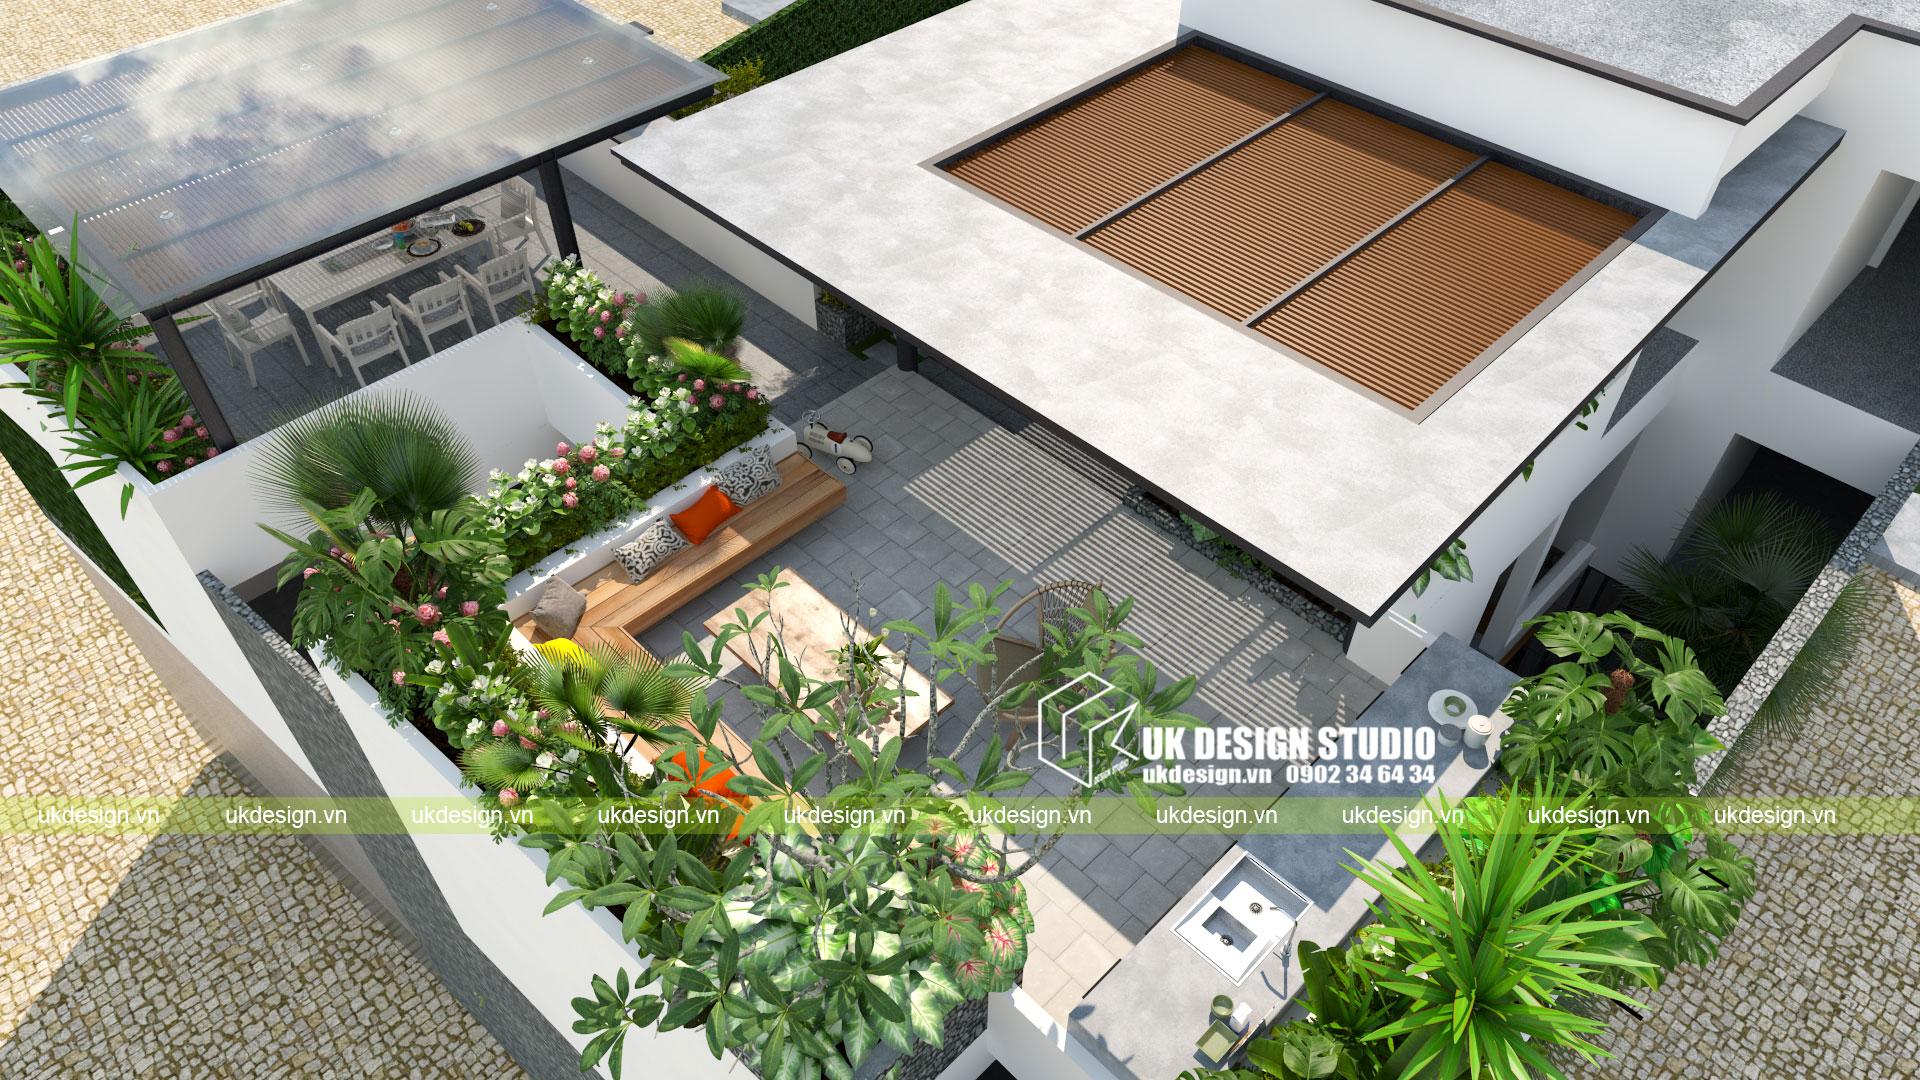 Thiết kế biệt thự vườn có hồ bơi ở Sài Gòn - 18